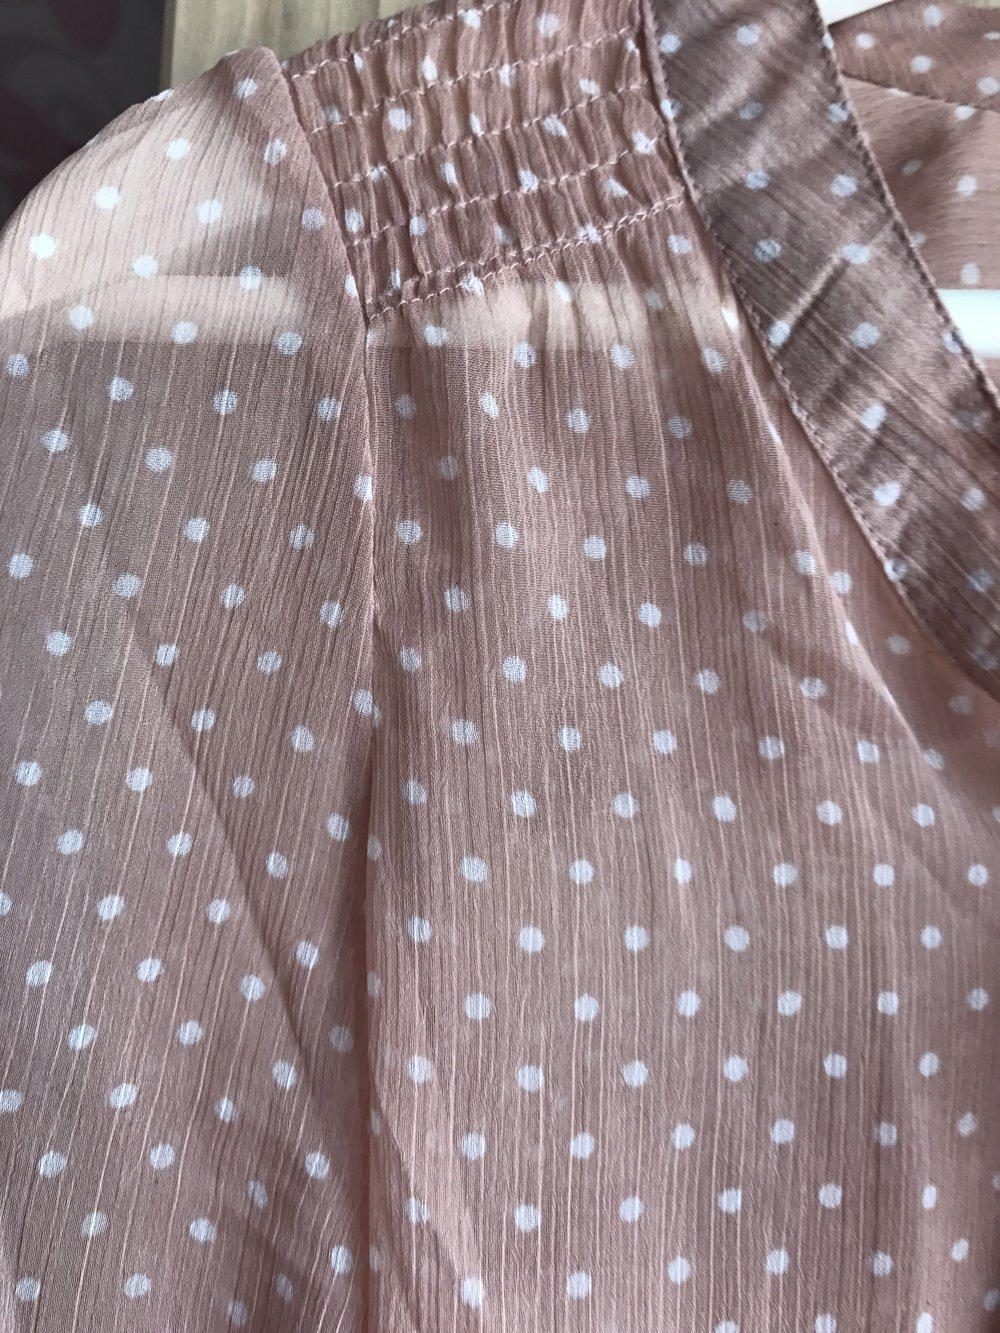 ... transparent Rosa Only Bluse mit weißen Punkten und einer Schleife in  Größe 34, schluppenbluse, ... 30e1a2a582